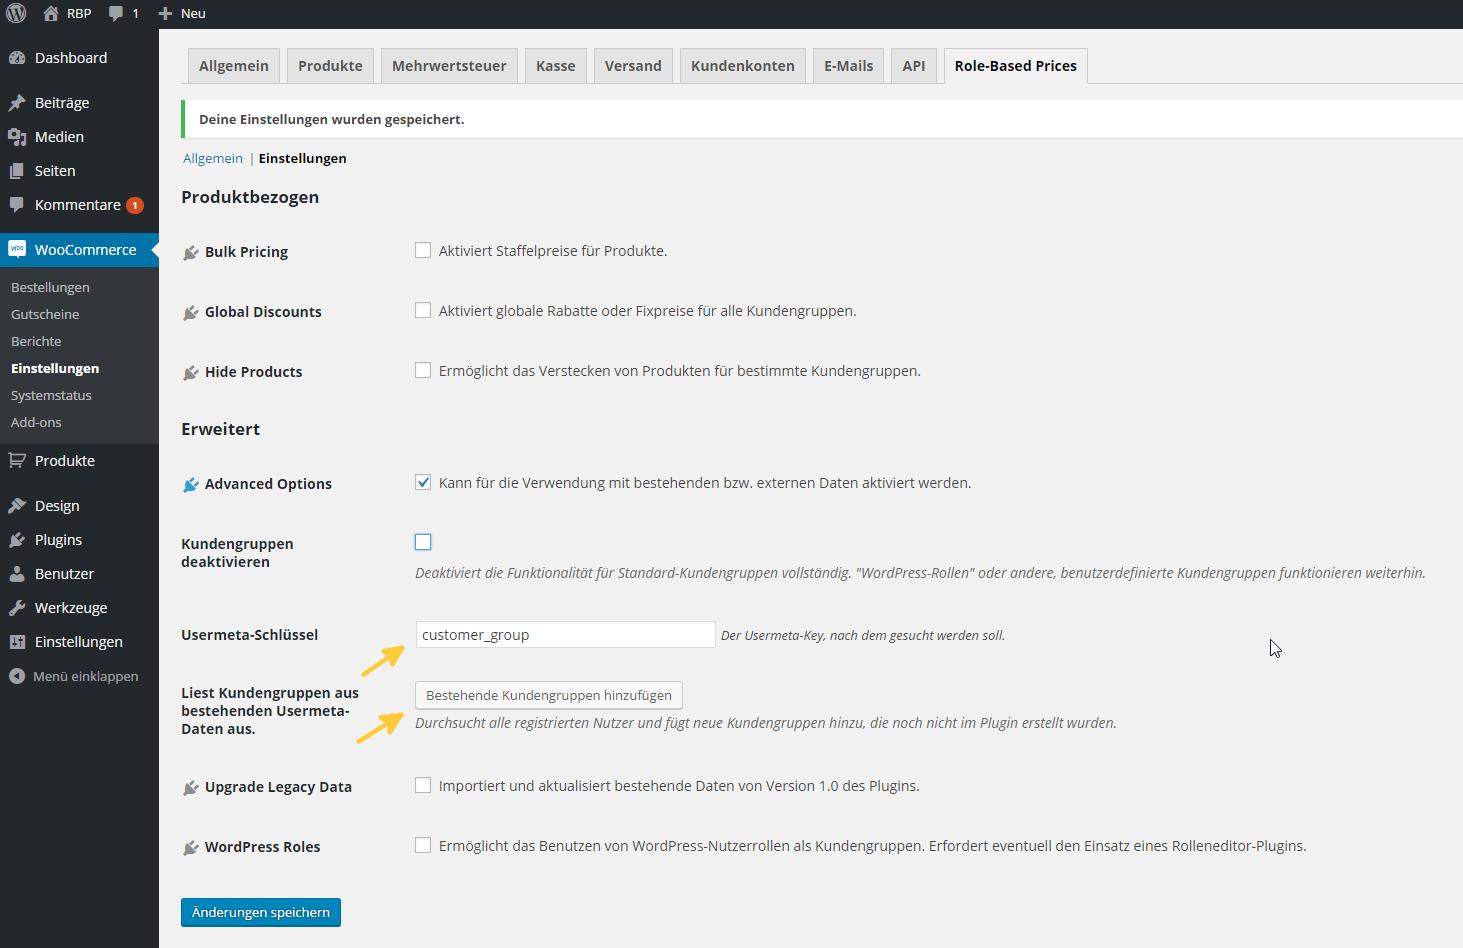 Kundengruppen aus Usermeta-Daten importieren.